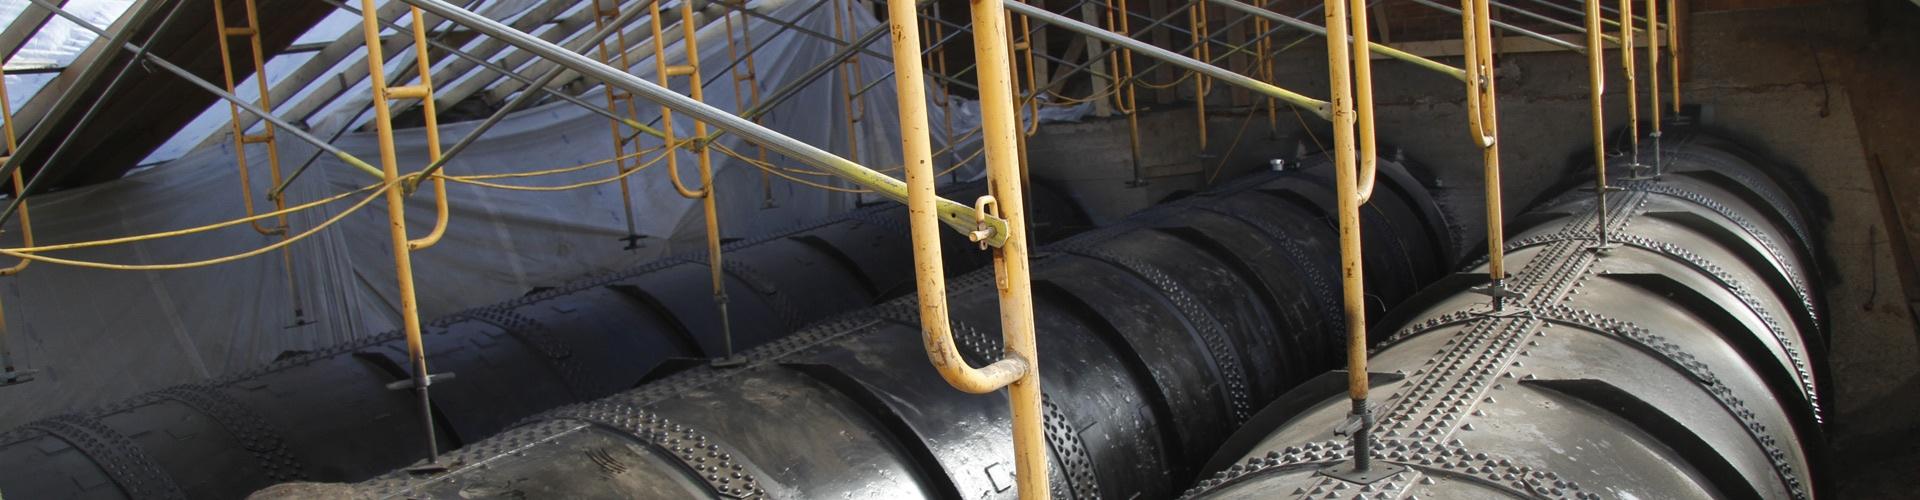 dam construction, penstock replacements, penstock repairs, intake repairs, hydroelectric dams, hydro dams, hydrodam repairs, hydrodam